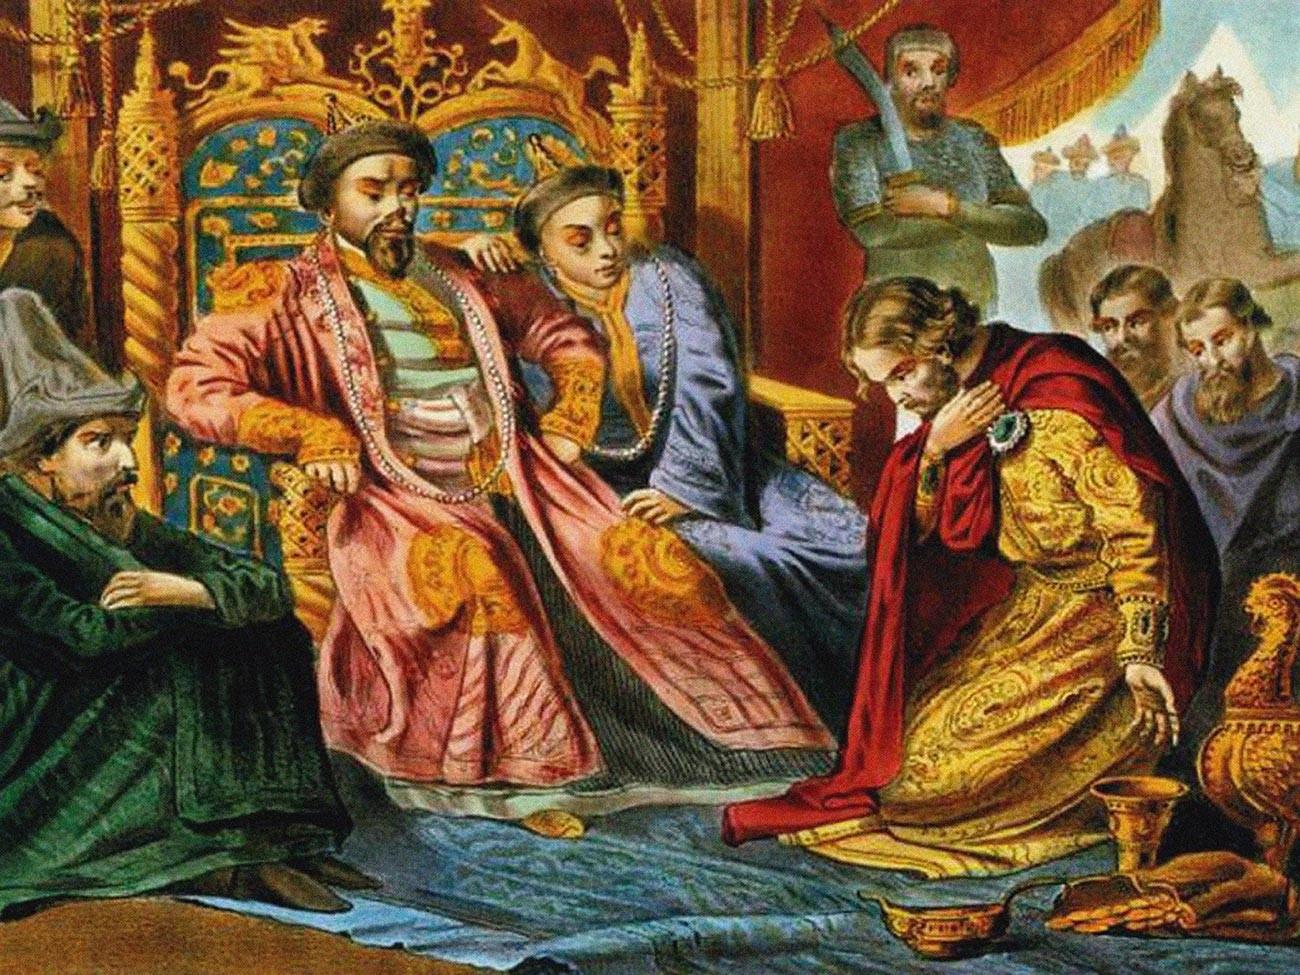 """""""Княз Александър Невски уммолиолява Бату хан за милост към Русия"""", изображение от XIX в."""